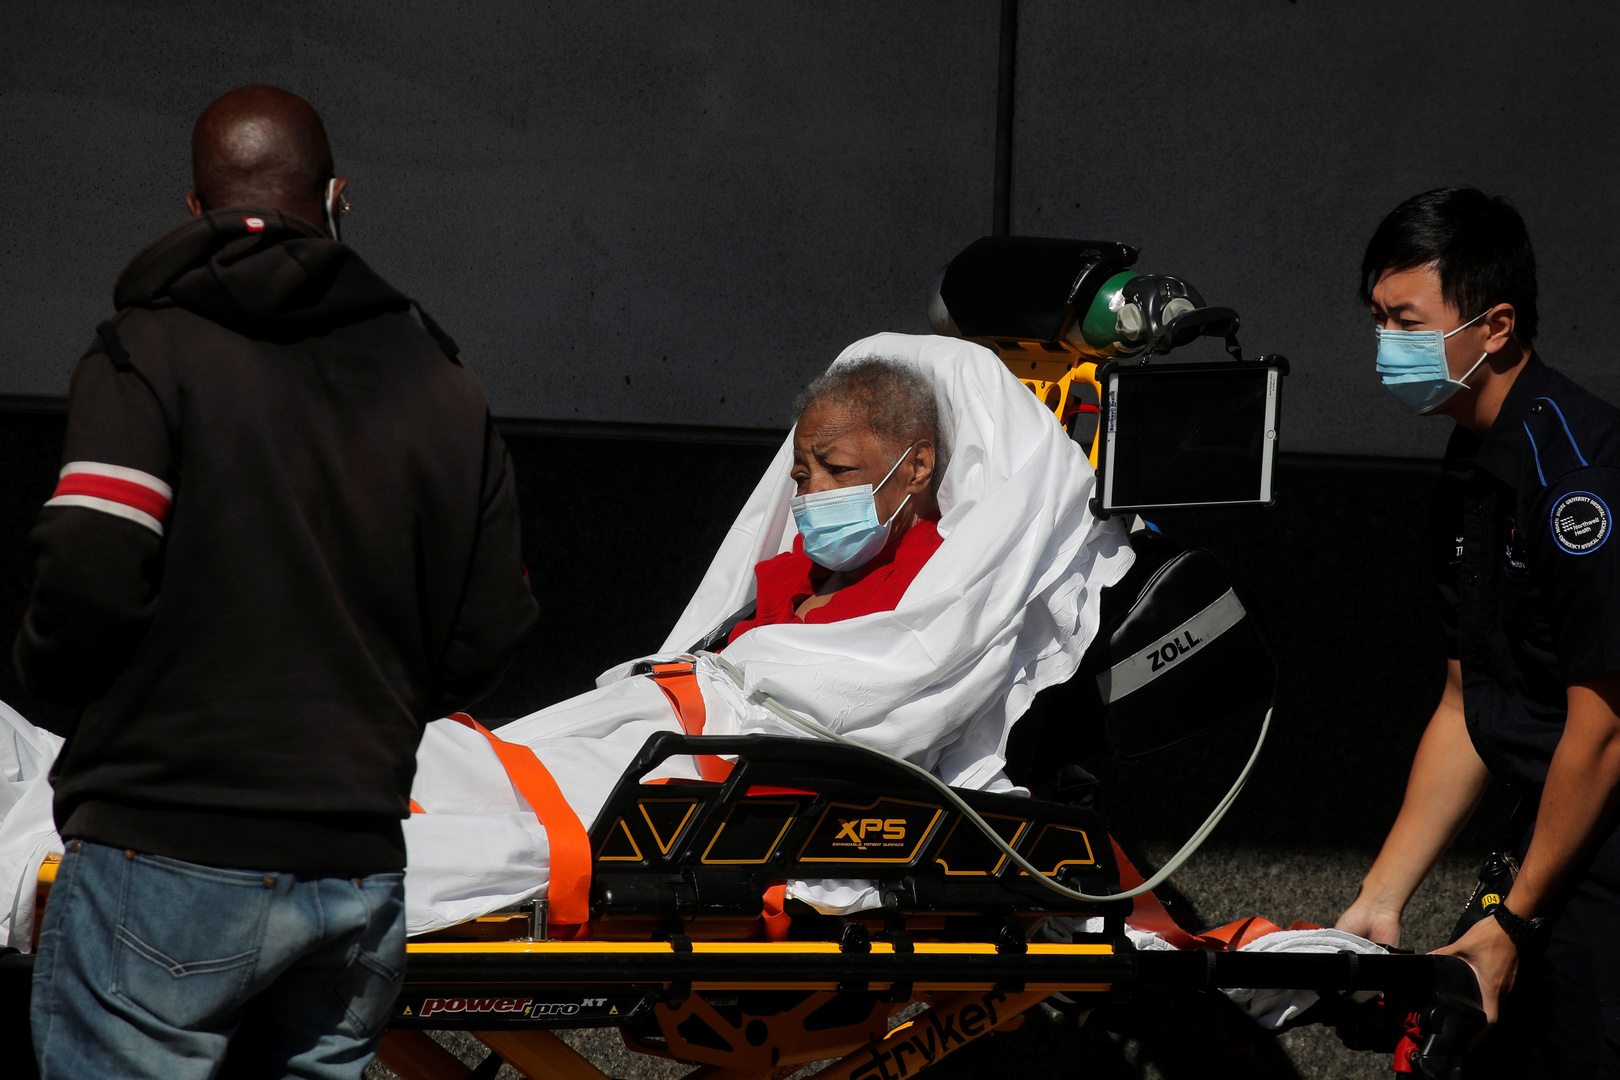 أحد المصابين بقيروس كورونا في نيويورك